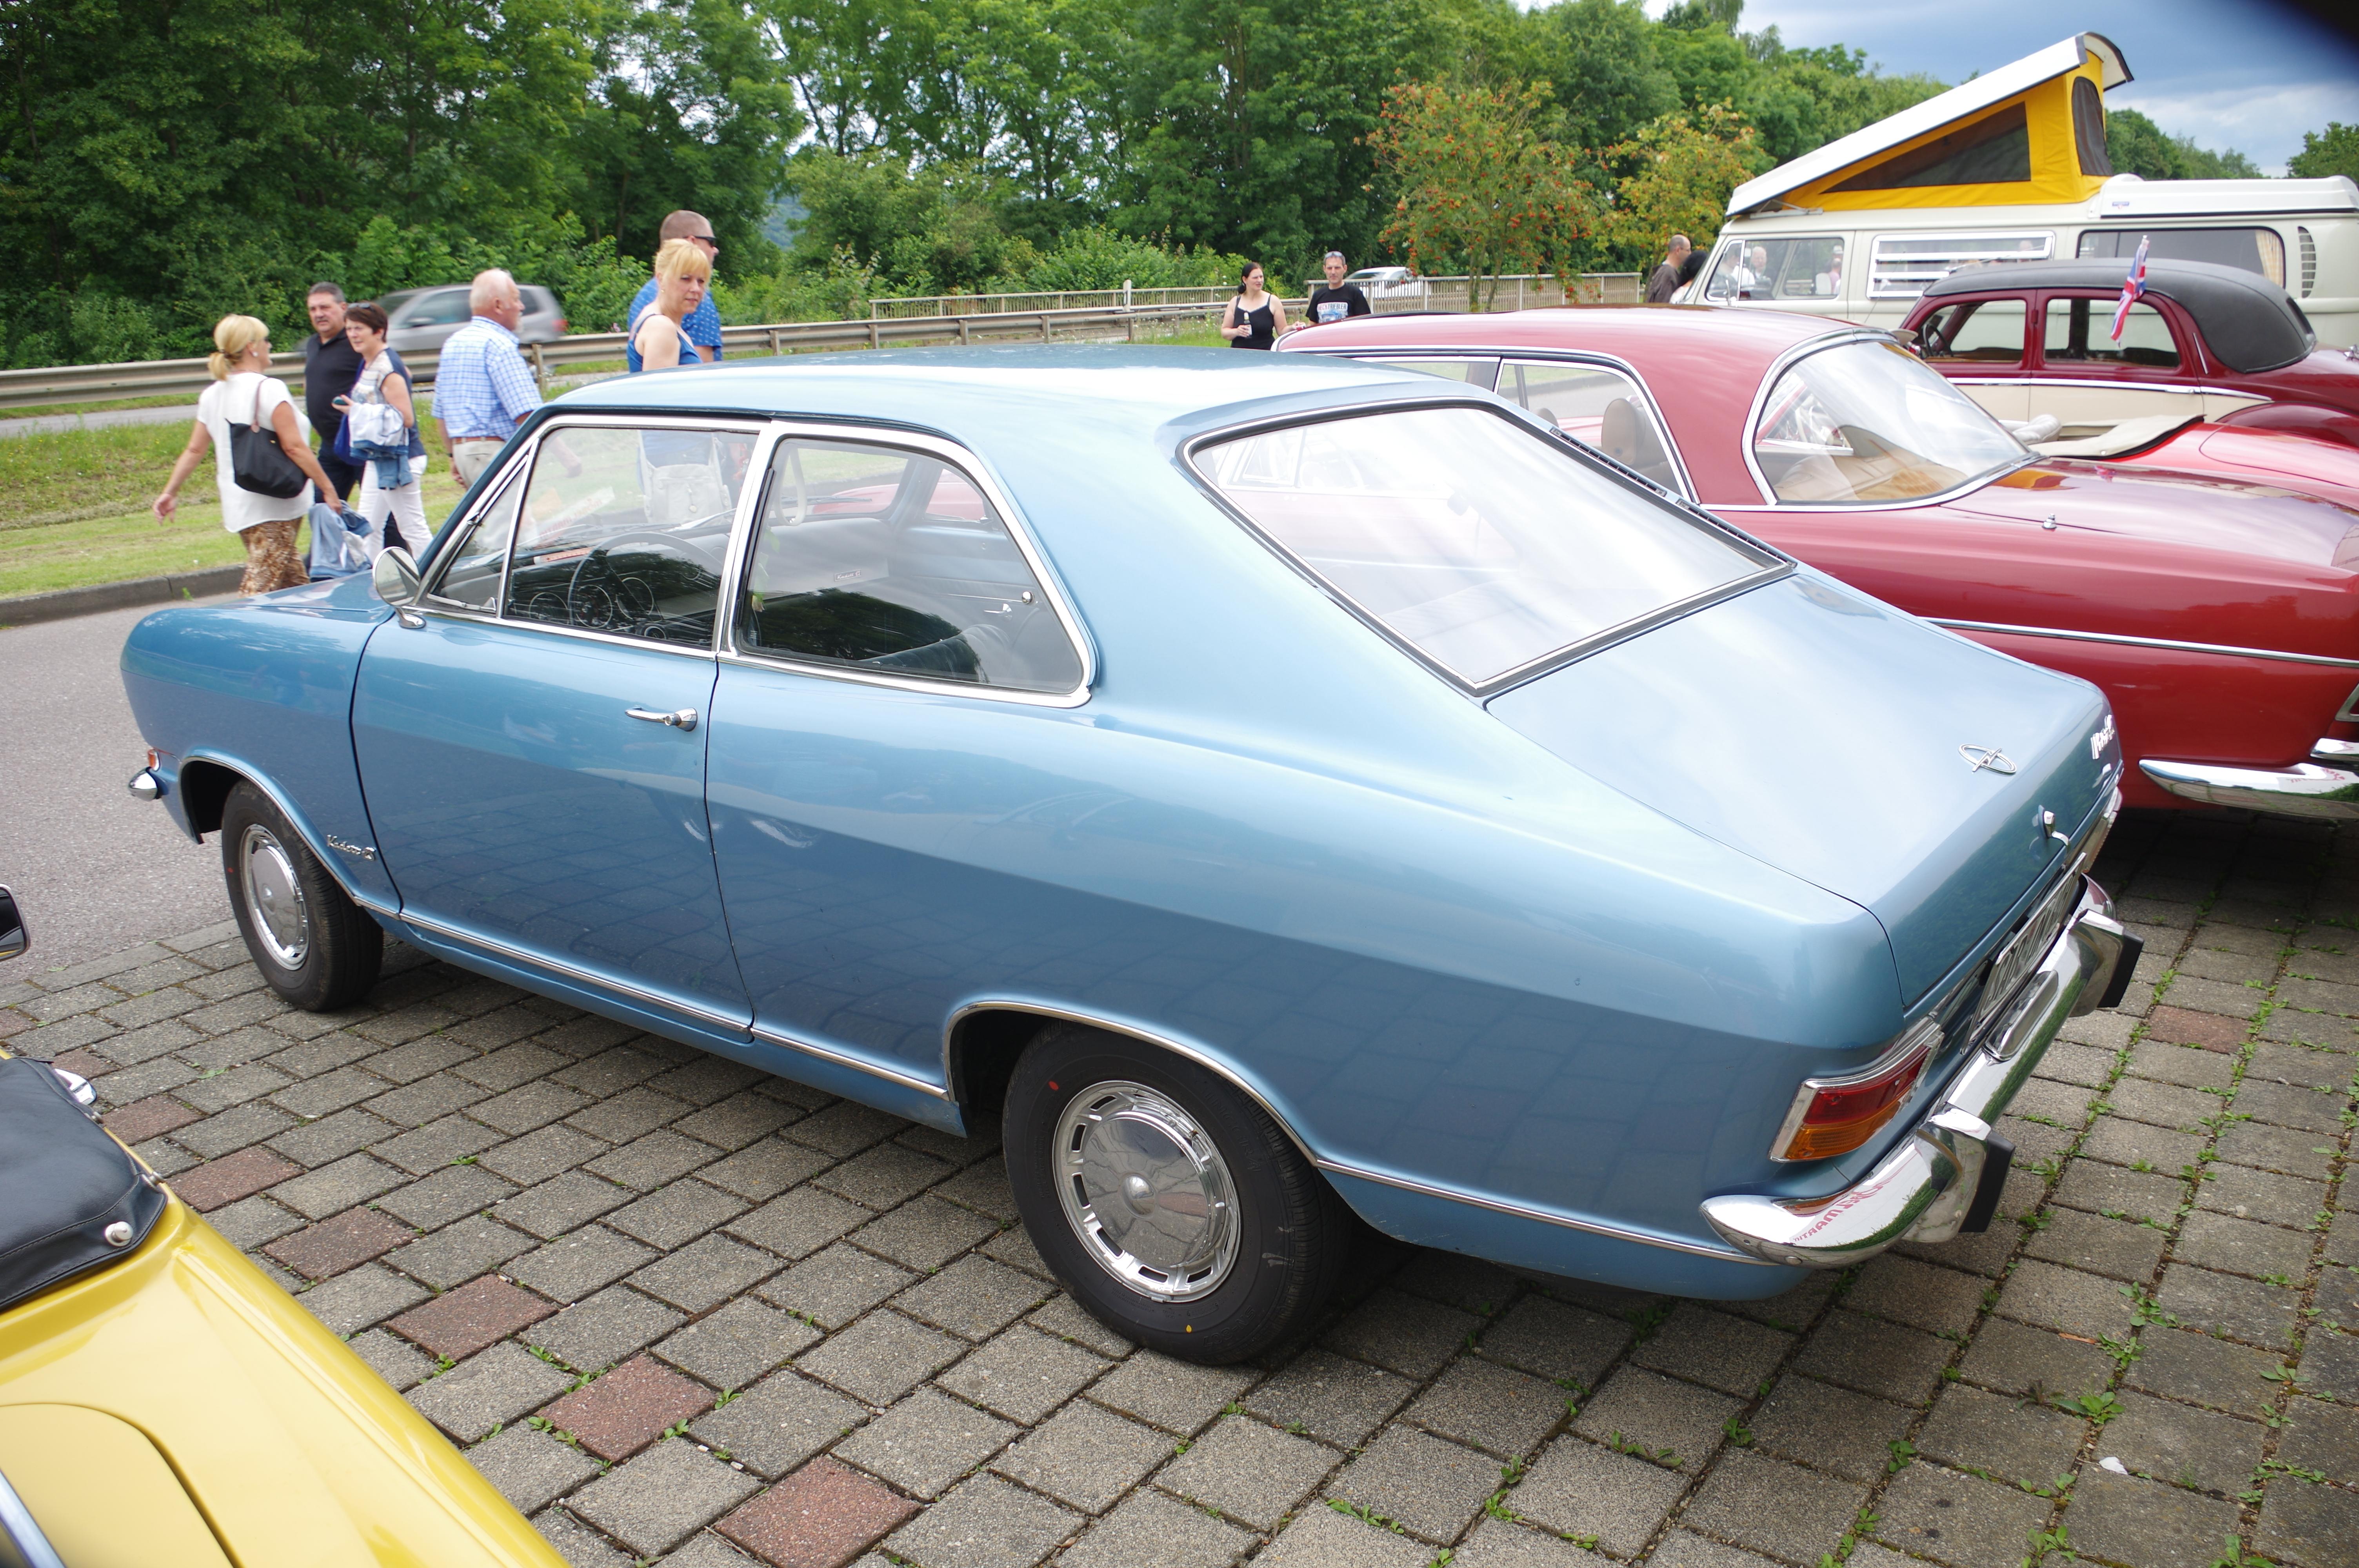 opel kadett b wikiwand rh wikiwand com 1972 Opel Kadett 1969 Opel Kadett